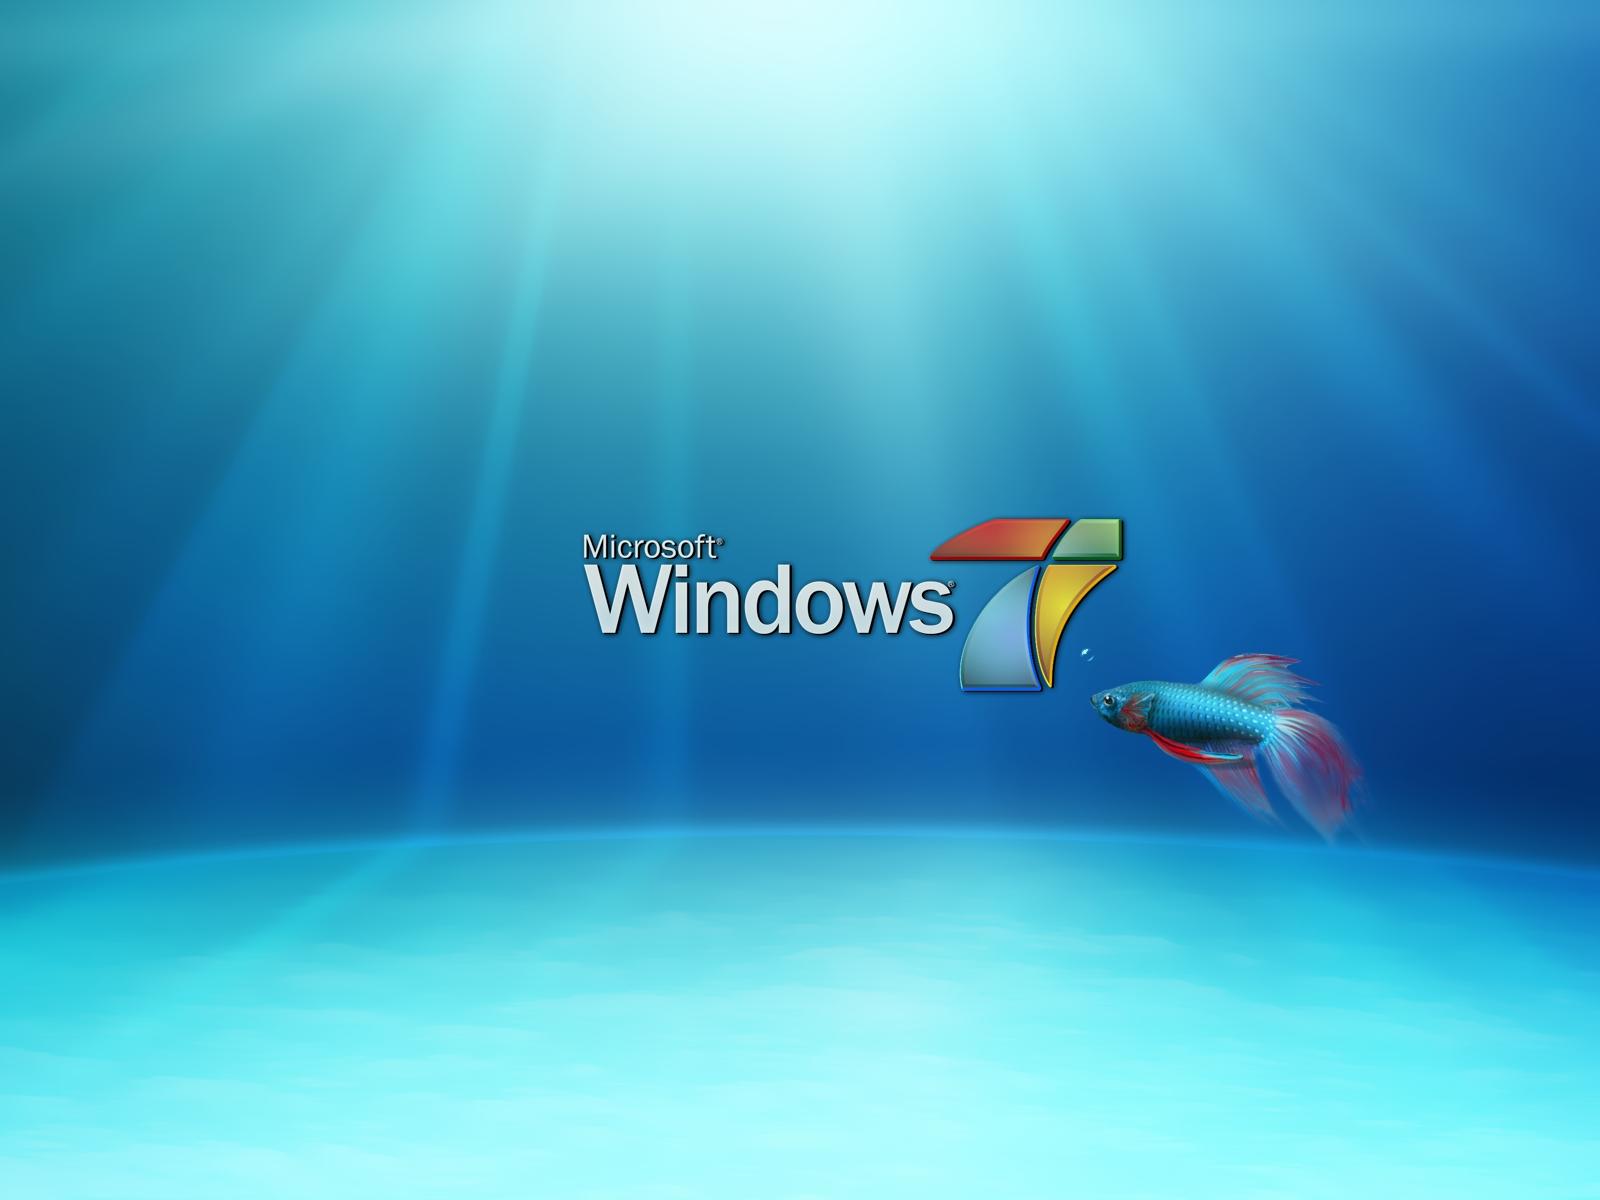 window 7 HD Wallpaper HD Wallpapers of Windows 7 2 1600x1200